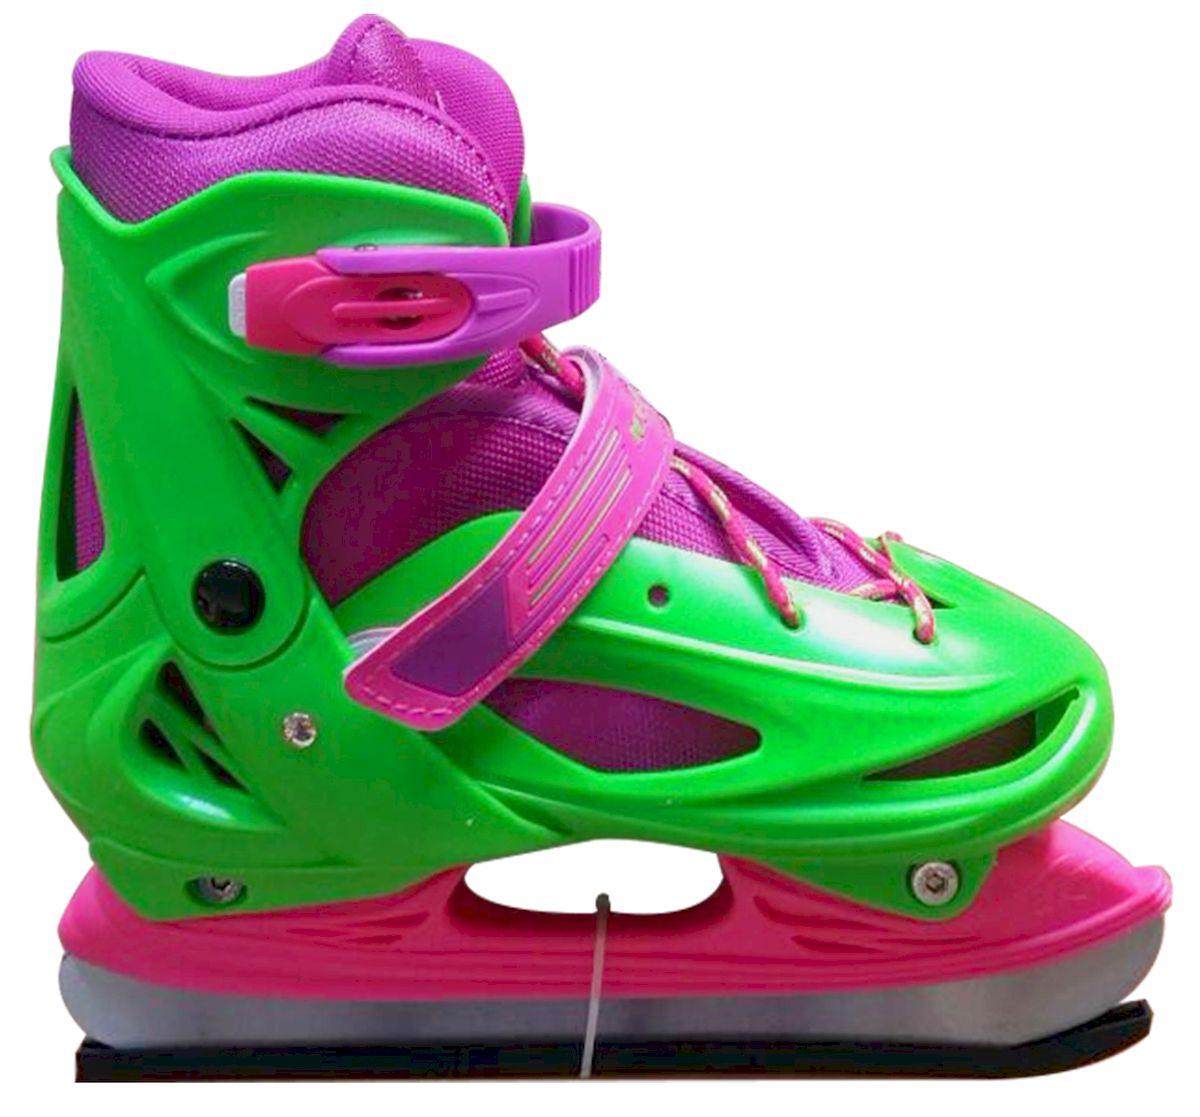 Коньки раздвижные Ice Blade Sophie, цвет: розовый, зеленый. УТ-00009126. Размер XS (26/29)